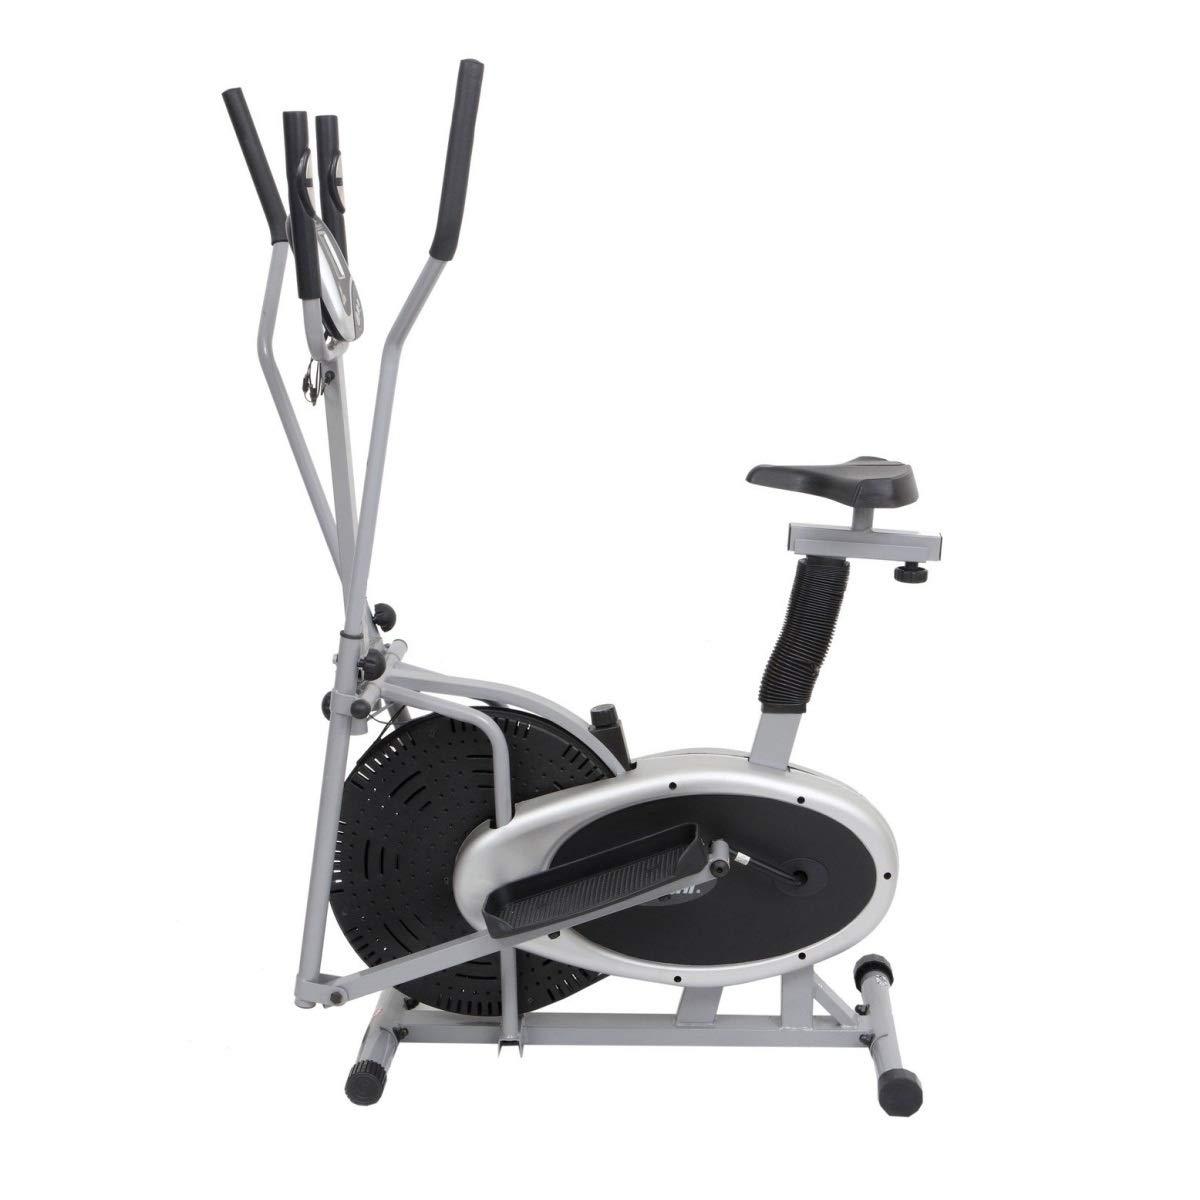 Kamachi OB-332 Orbitrek Multifunction Exercise bike